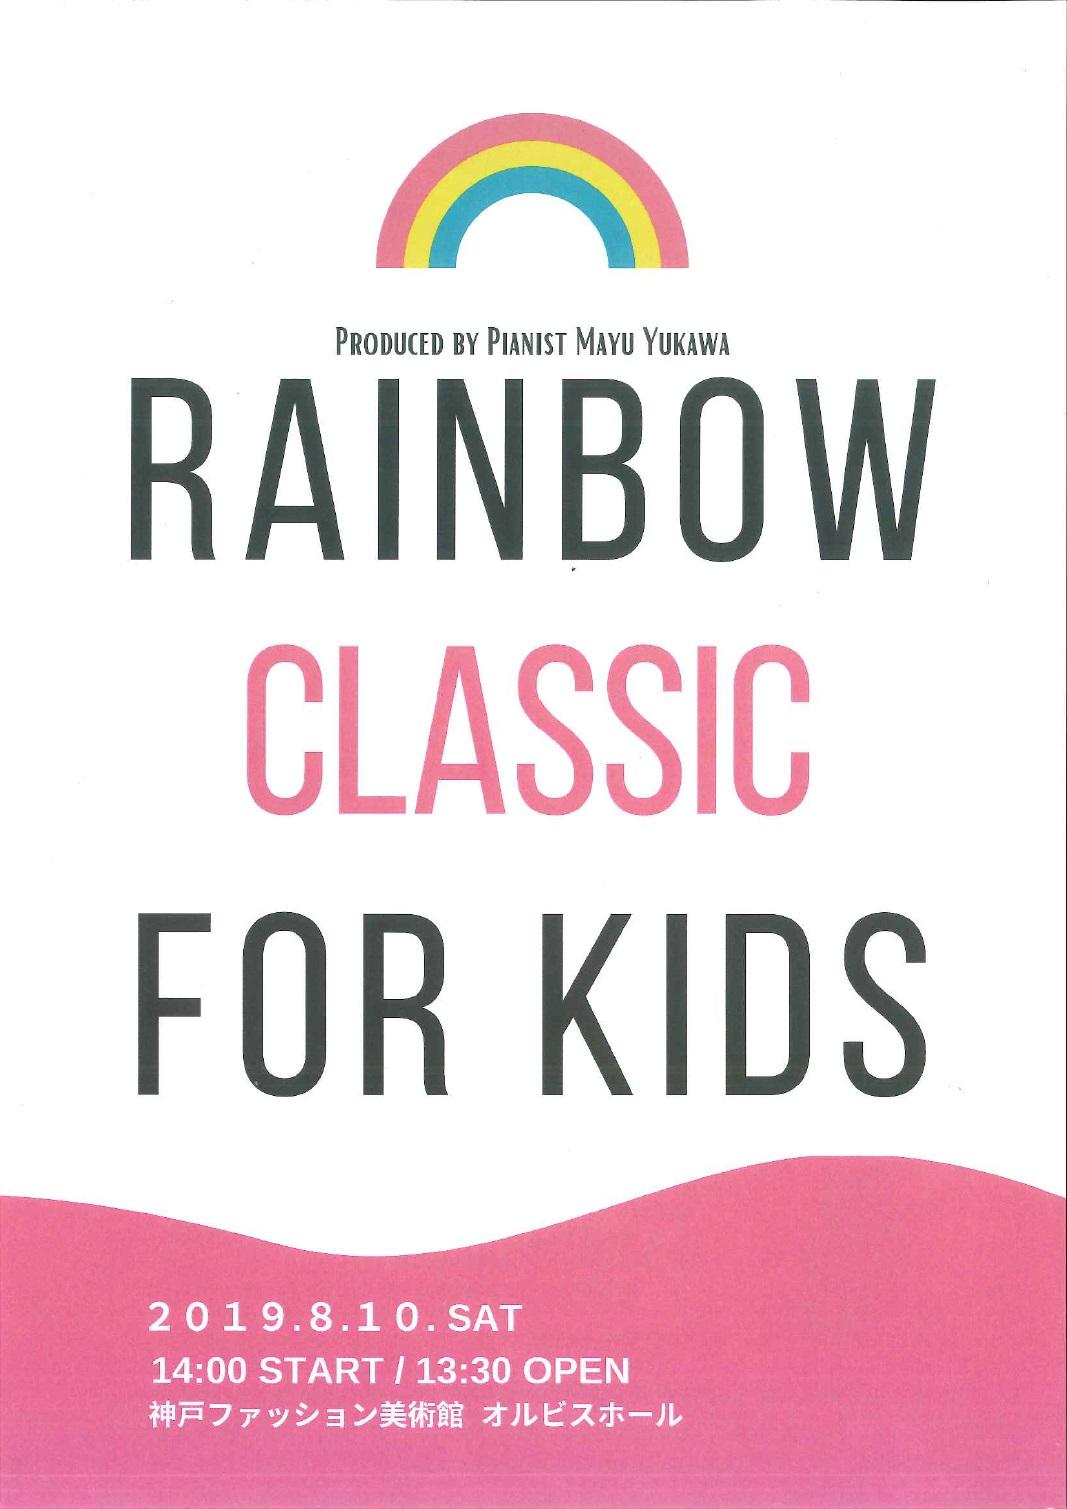 [オルビスホール情報]8/10(土)14:00~「RAINBOW CLASSIC FOR KIDS O歳からの感性教育 はじめてのクラシックコンサート」開催!